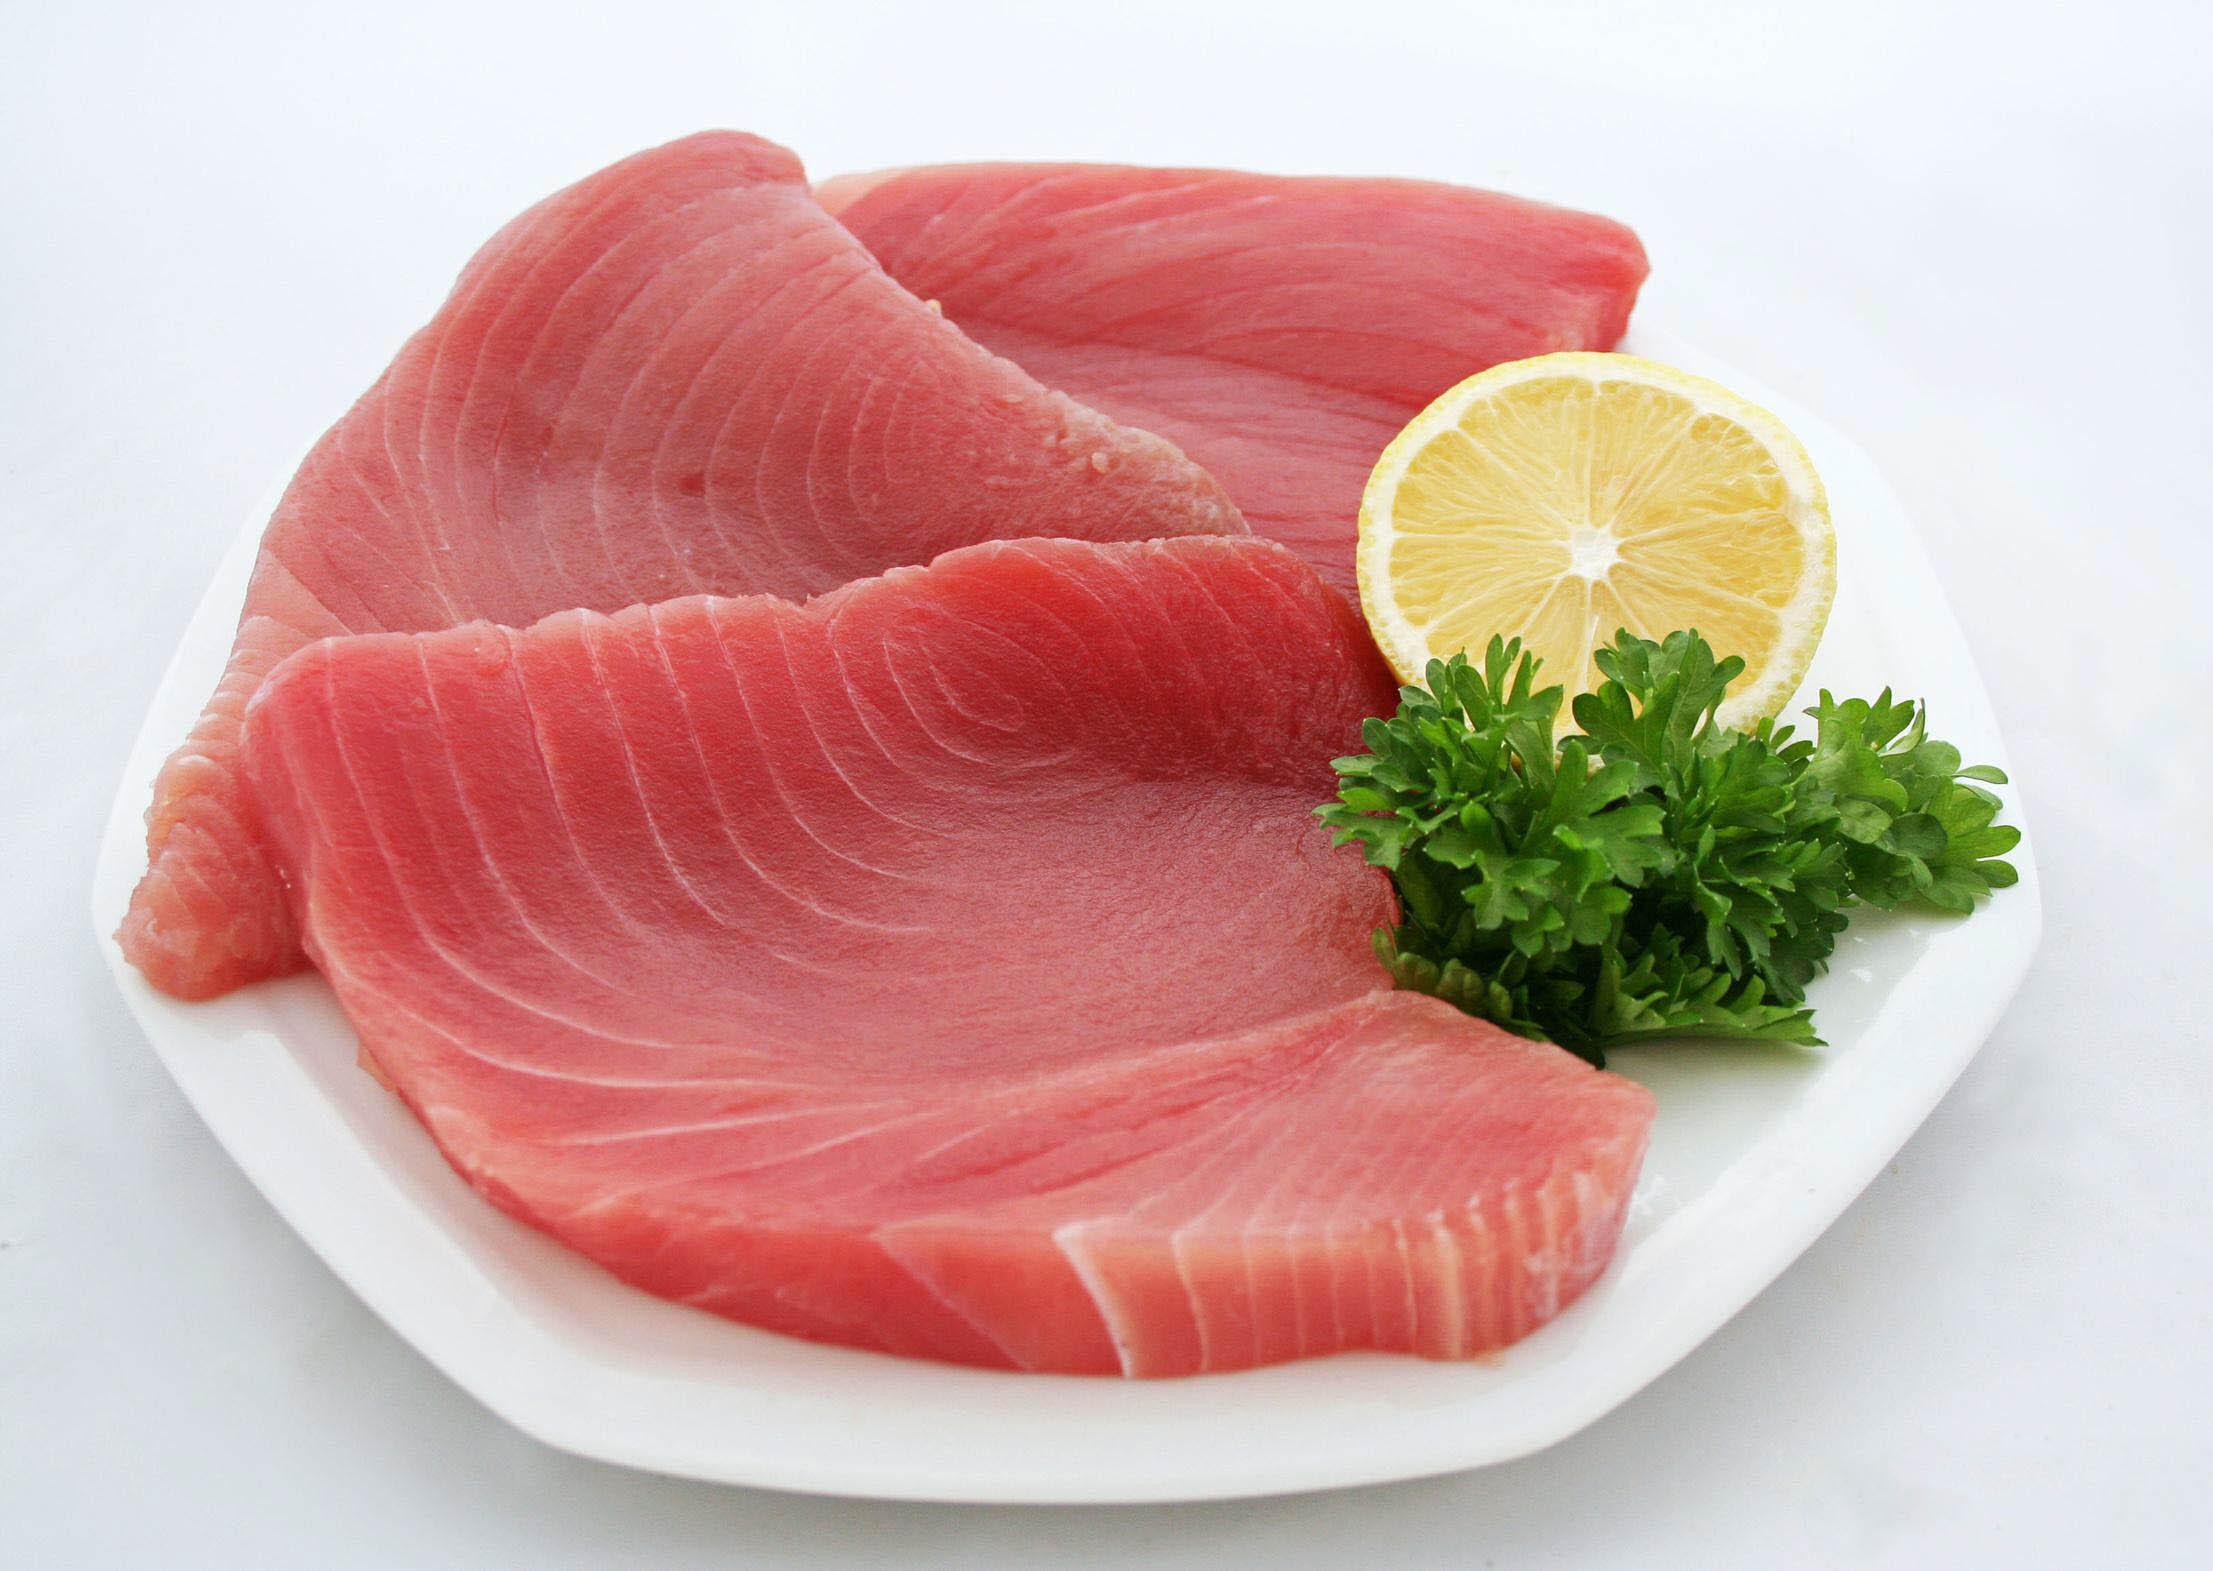 5 loại cá đặc sản dễ bị nhiễm độc